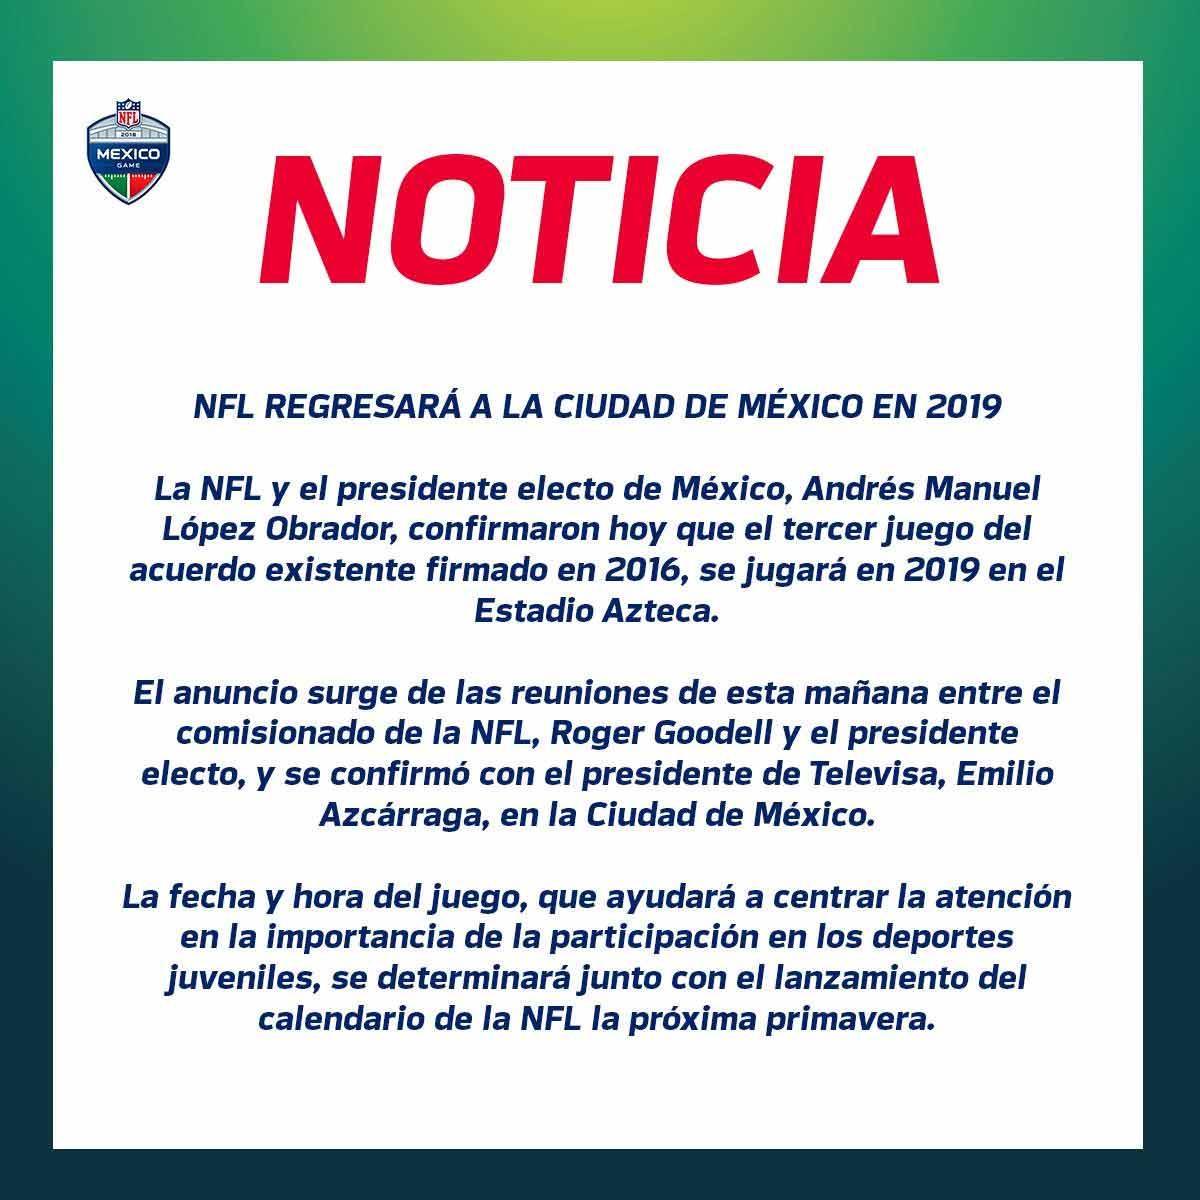 Nfl Vuelve A Mexico En 2019